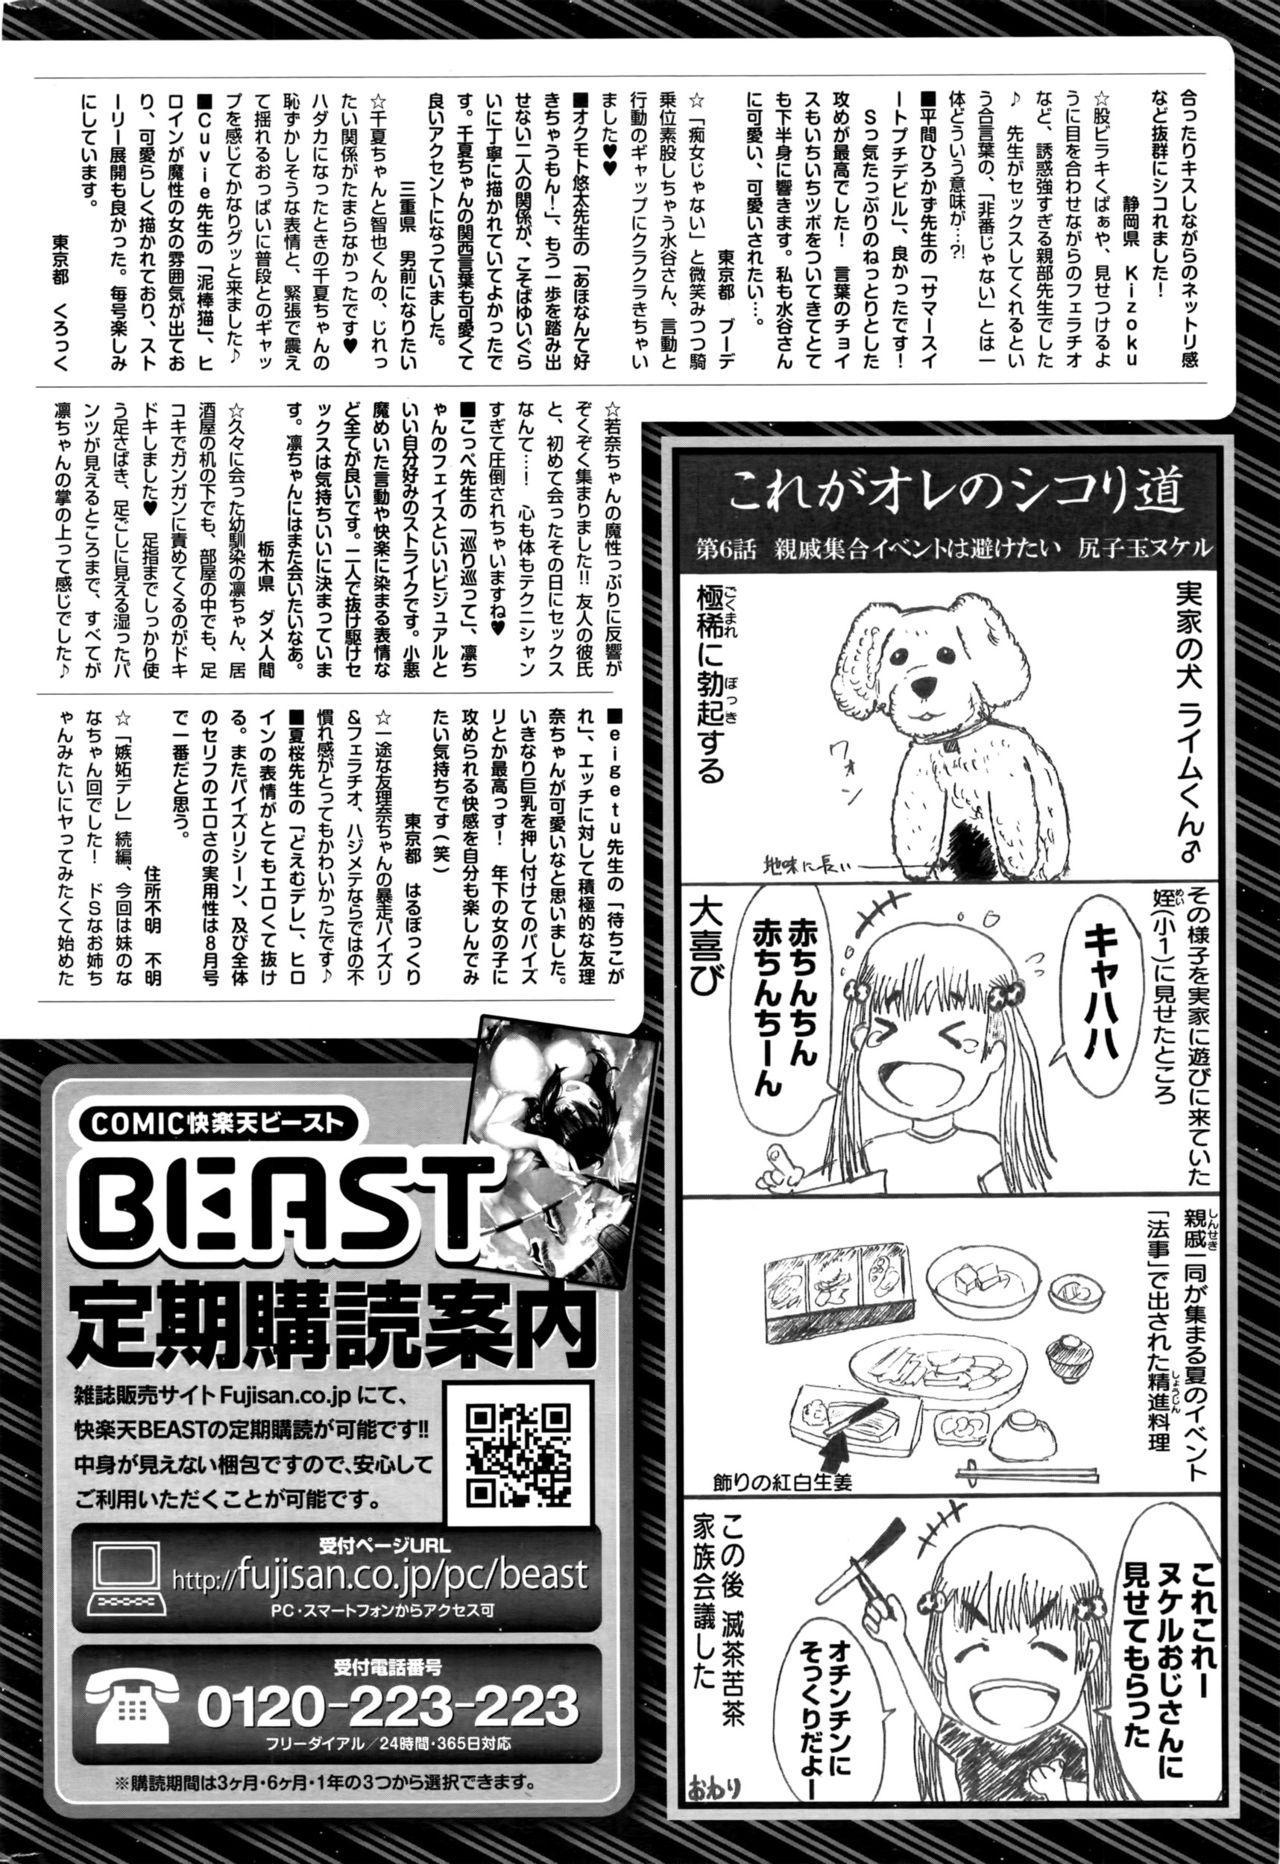 COMIC Kairakuten BEAST 2016-10 317